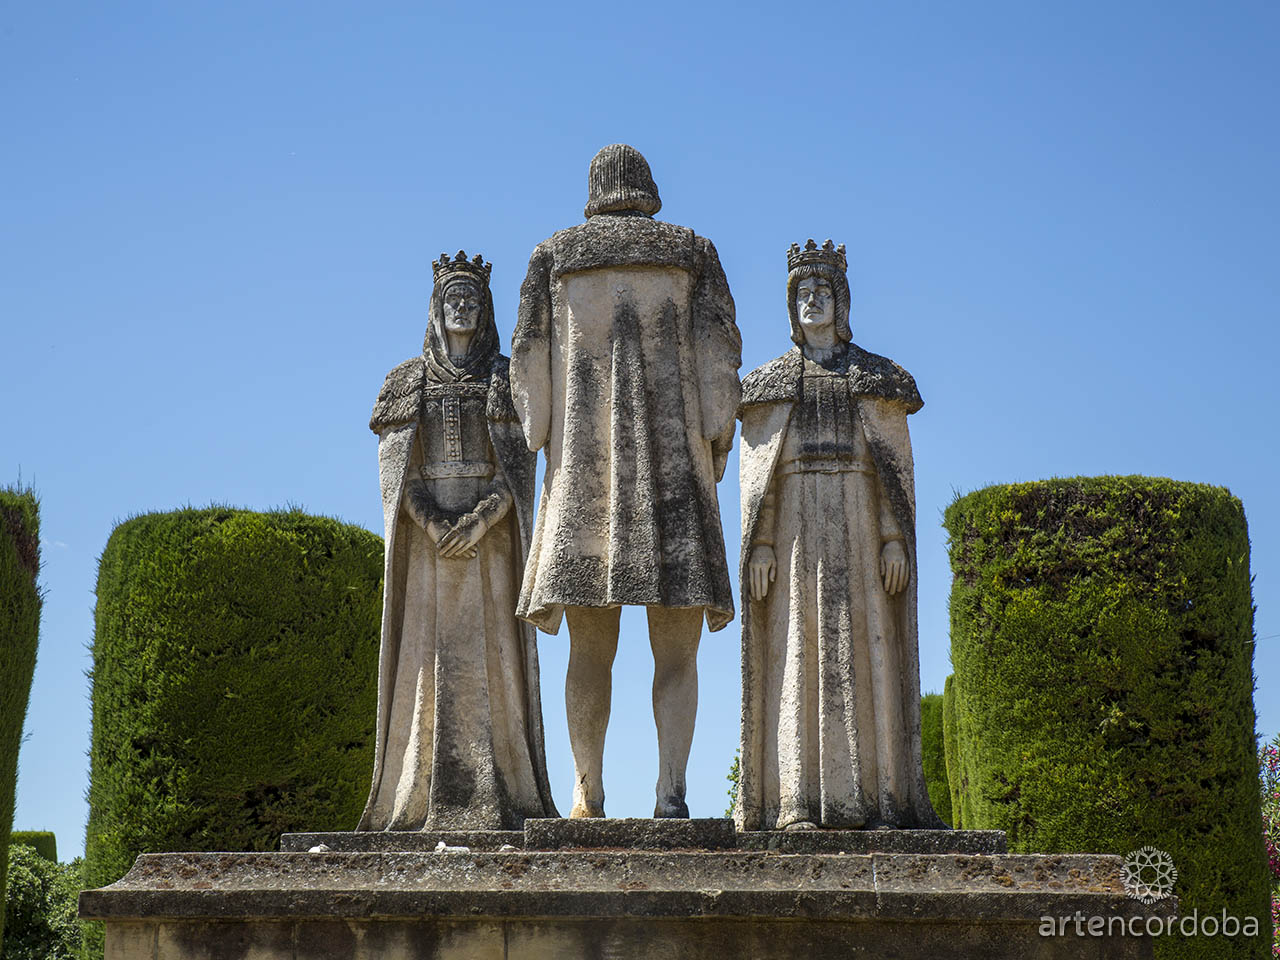 Monumento a la primera audiencia de los Reyes Católicos a Cristóbal Colón en el Alcázar de los Reyes Cristianos